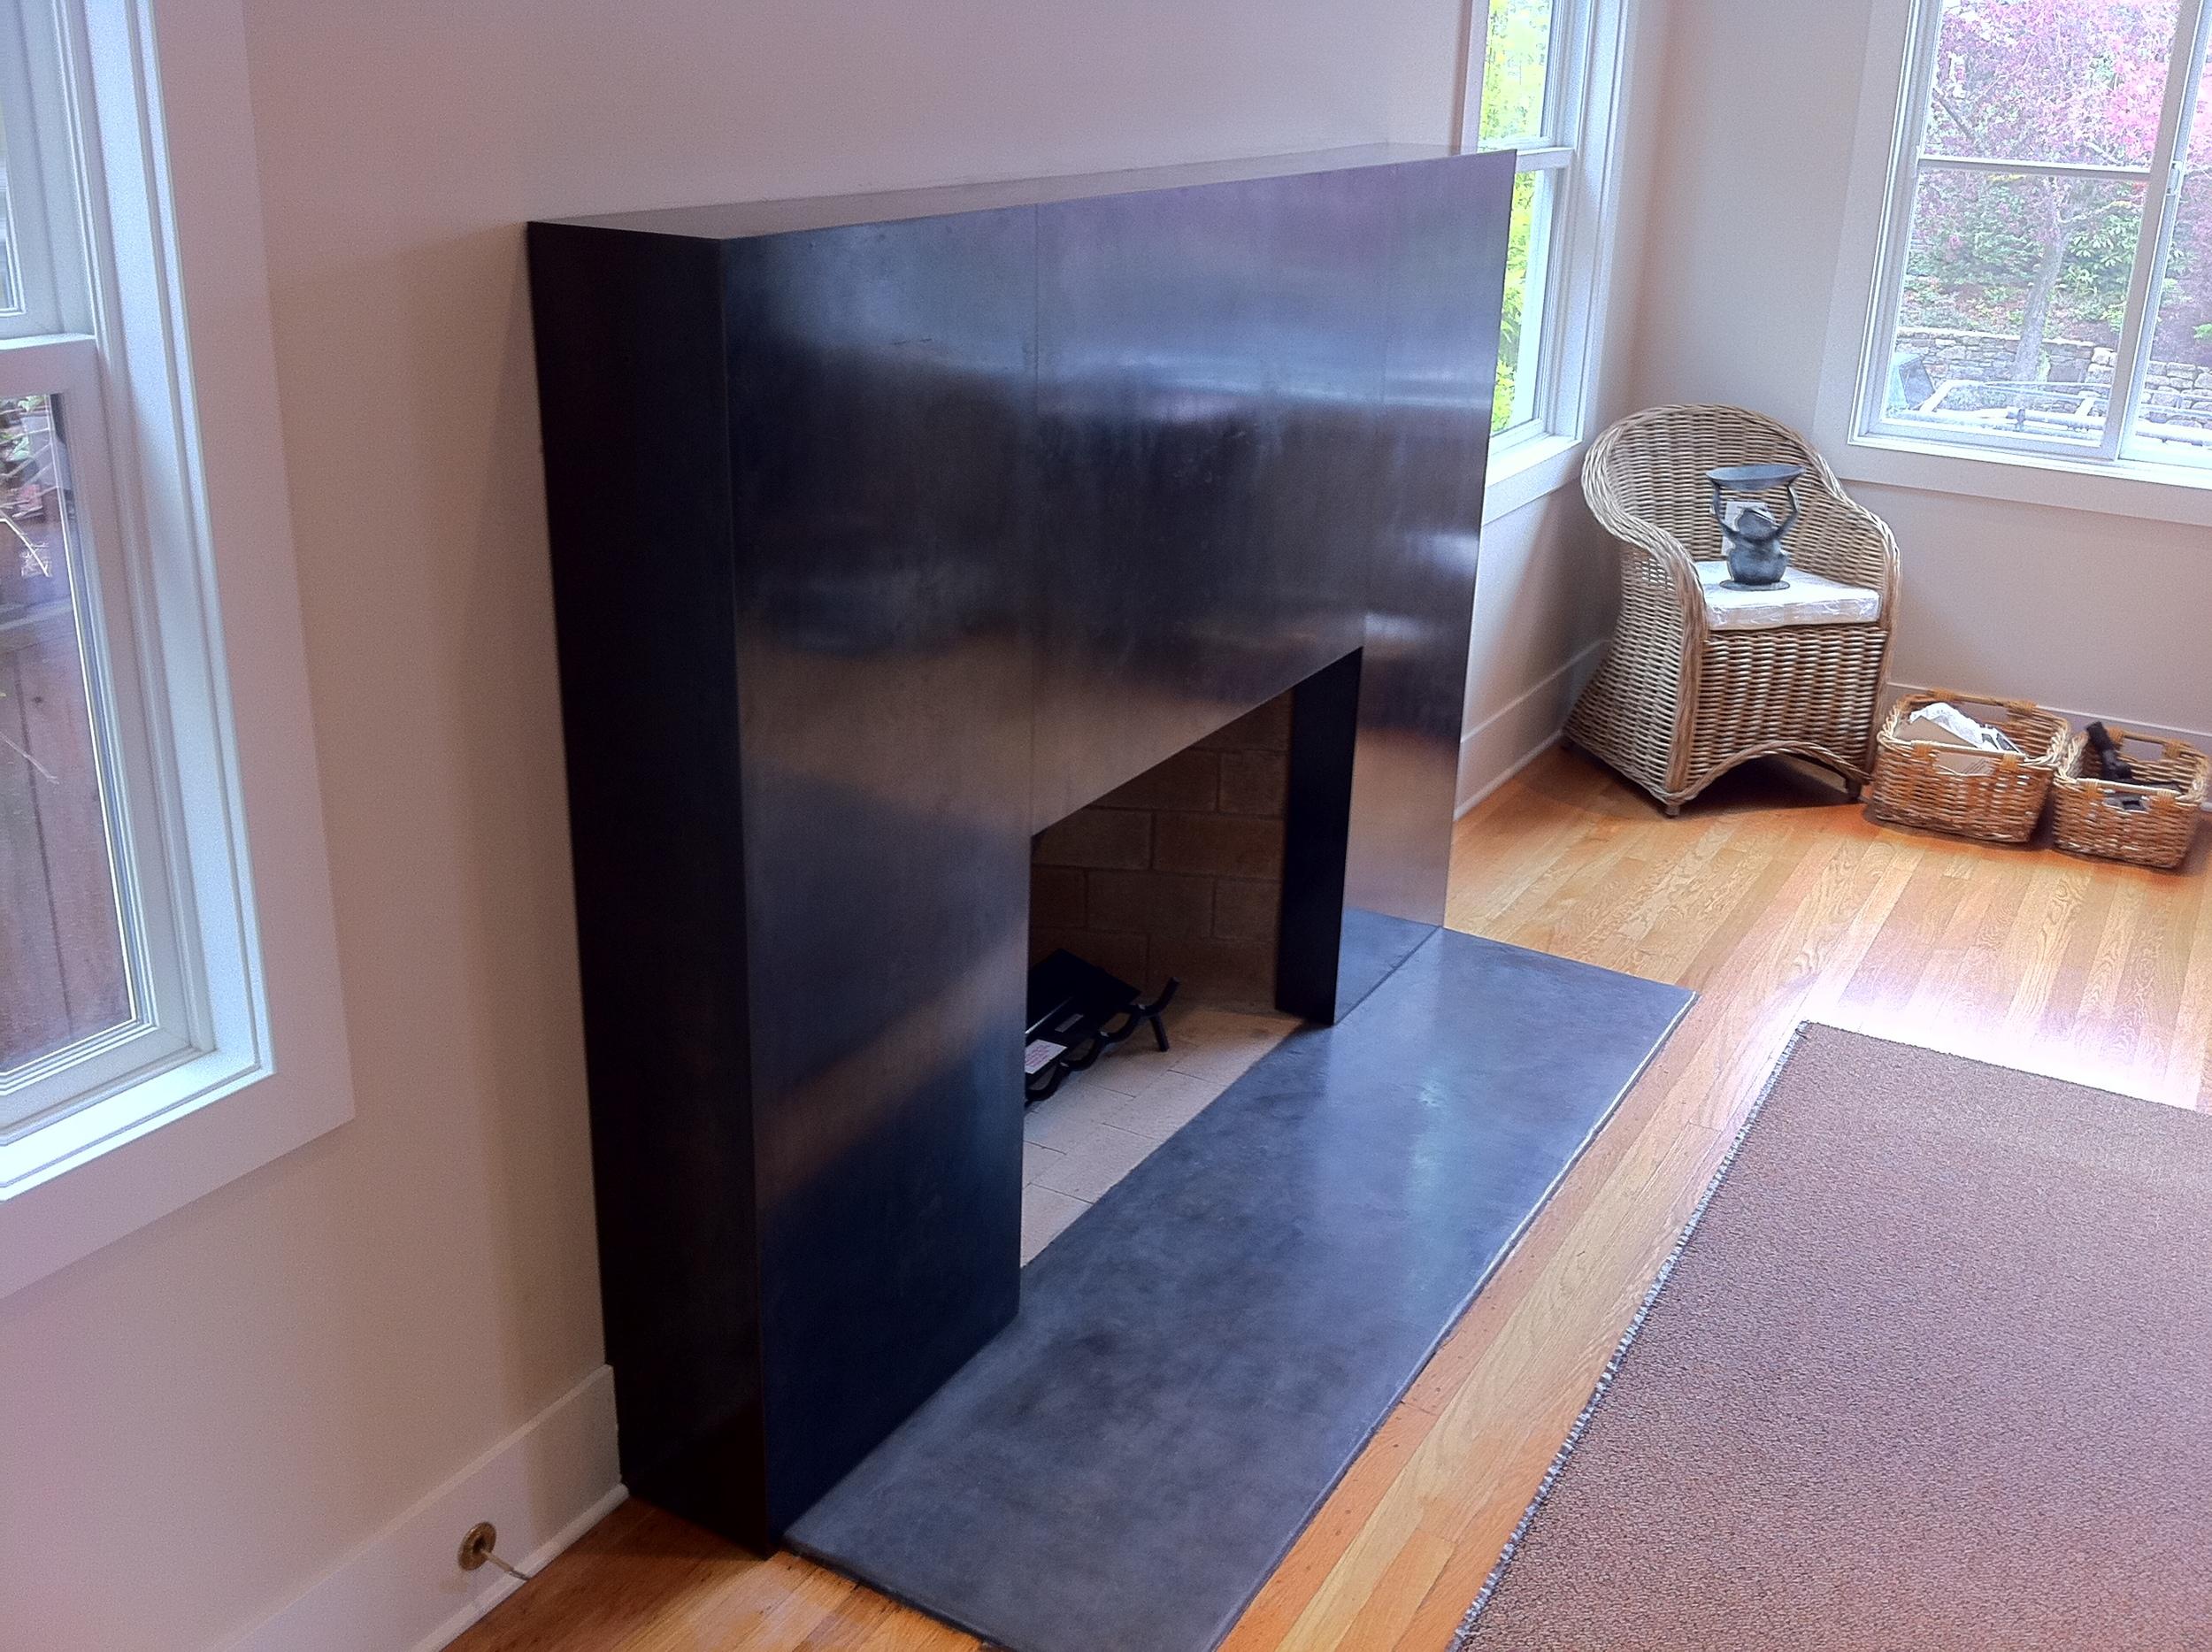 Fireplace Surrounds 01.jpeg